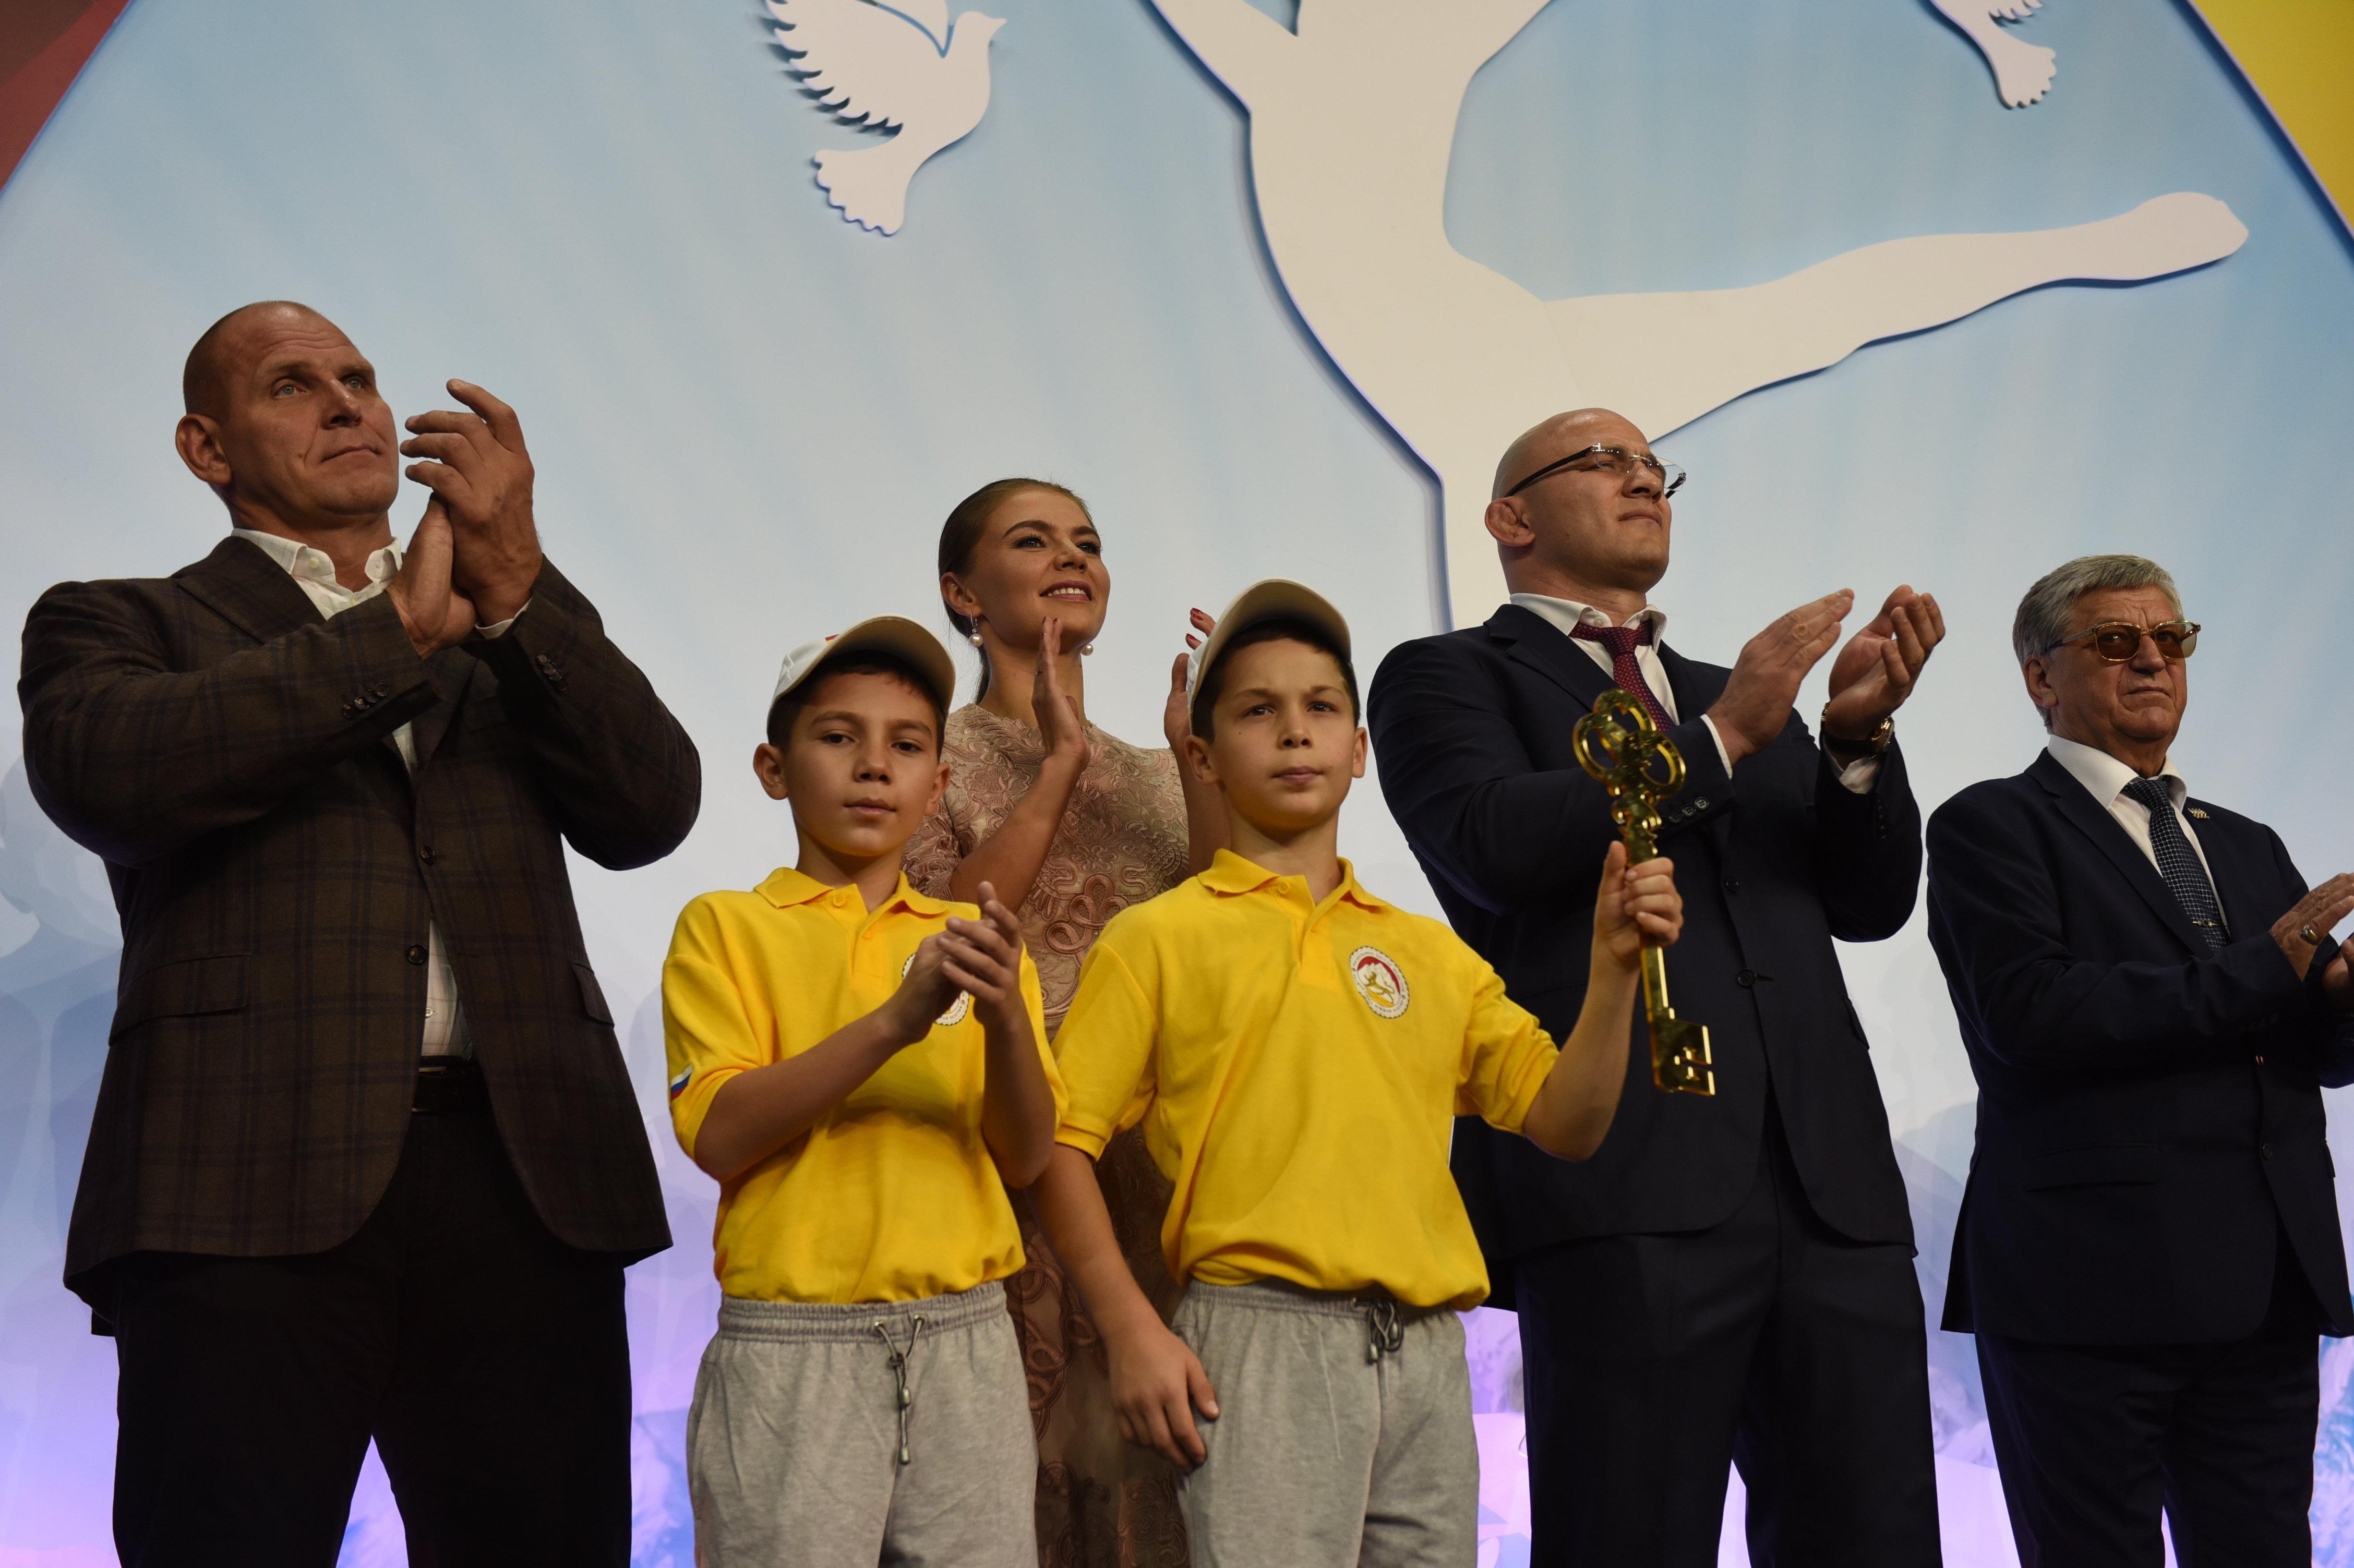 Таймазов на открытии спорткомплекса Олимп в Цхинвале.